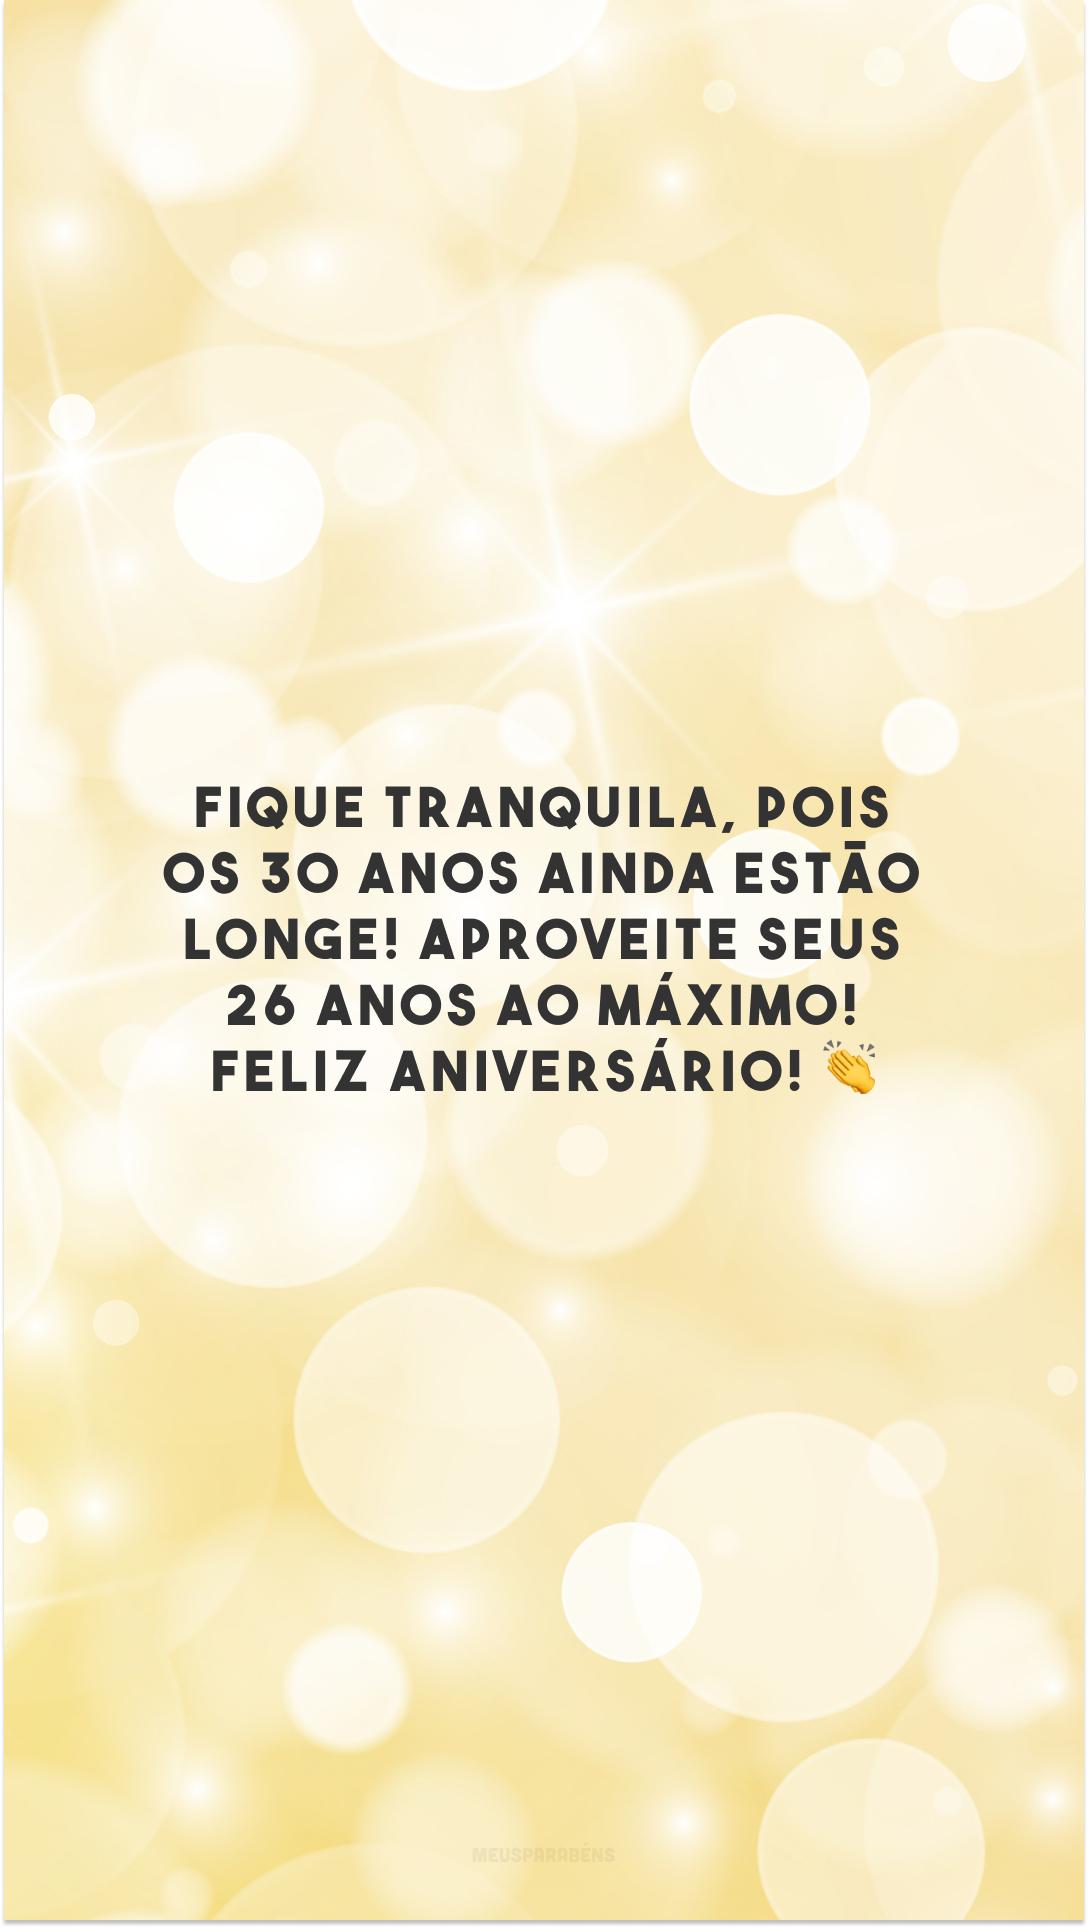 Fique tranquila, pois os 30 anos ainda estão longe! Aproveite seus 26 anos ao máximo! Feliz aniversário! 👏